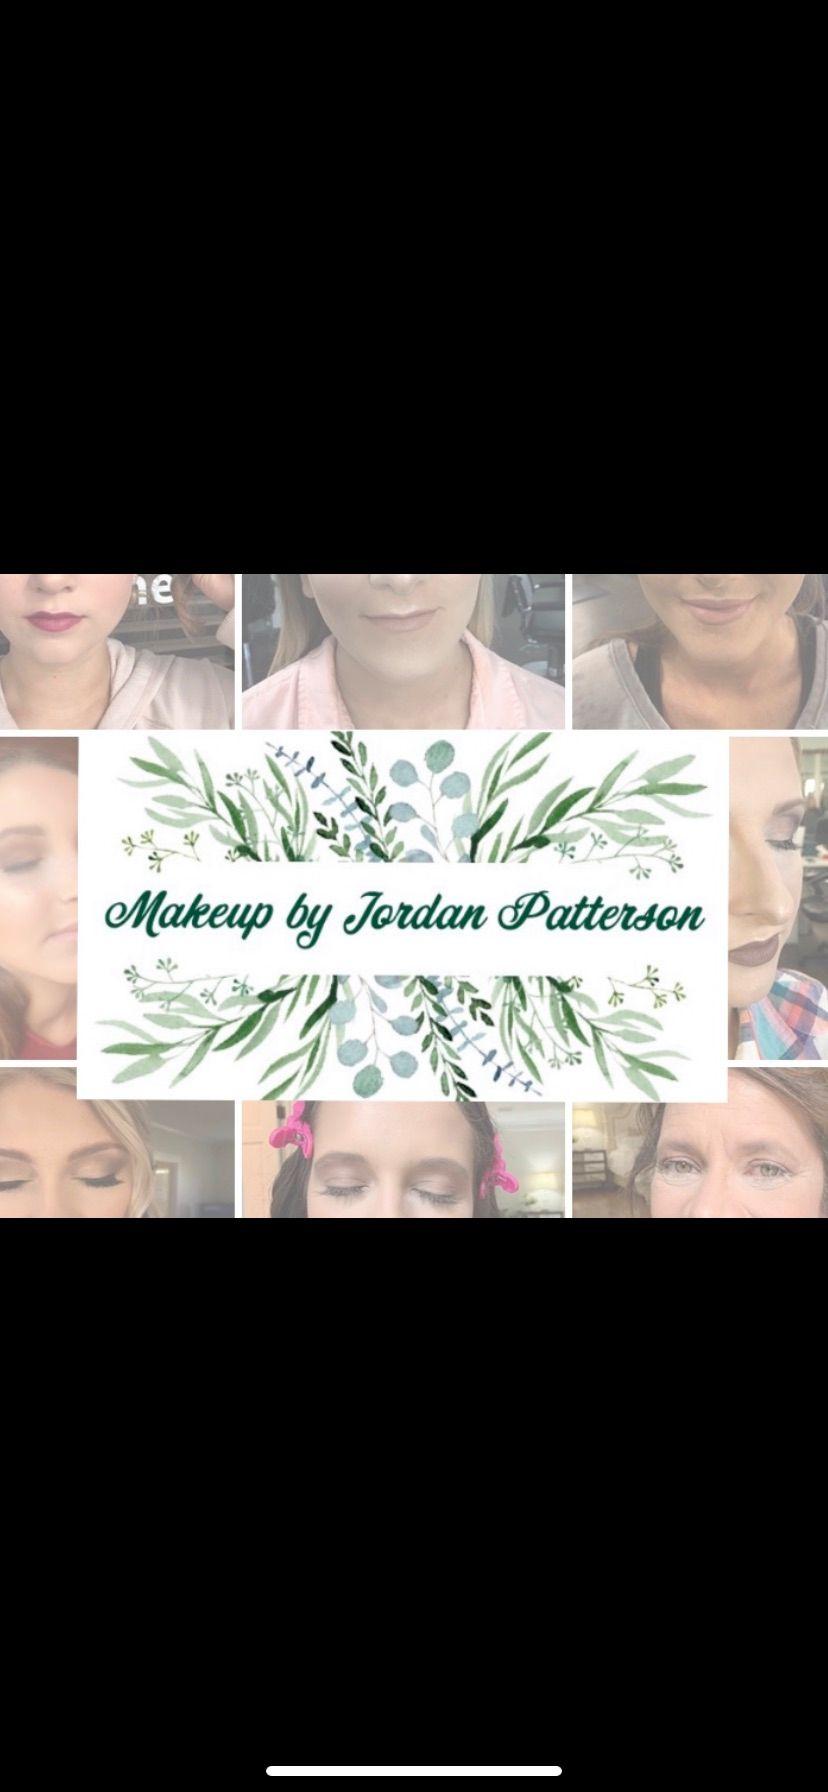 Makeup by Jordan Patterson